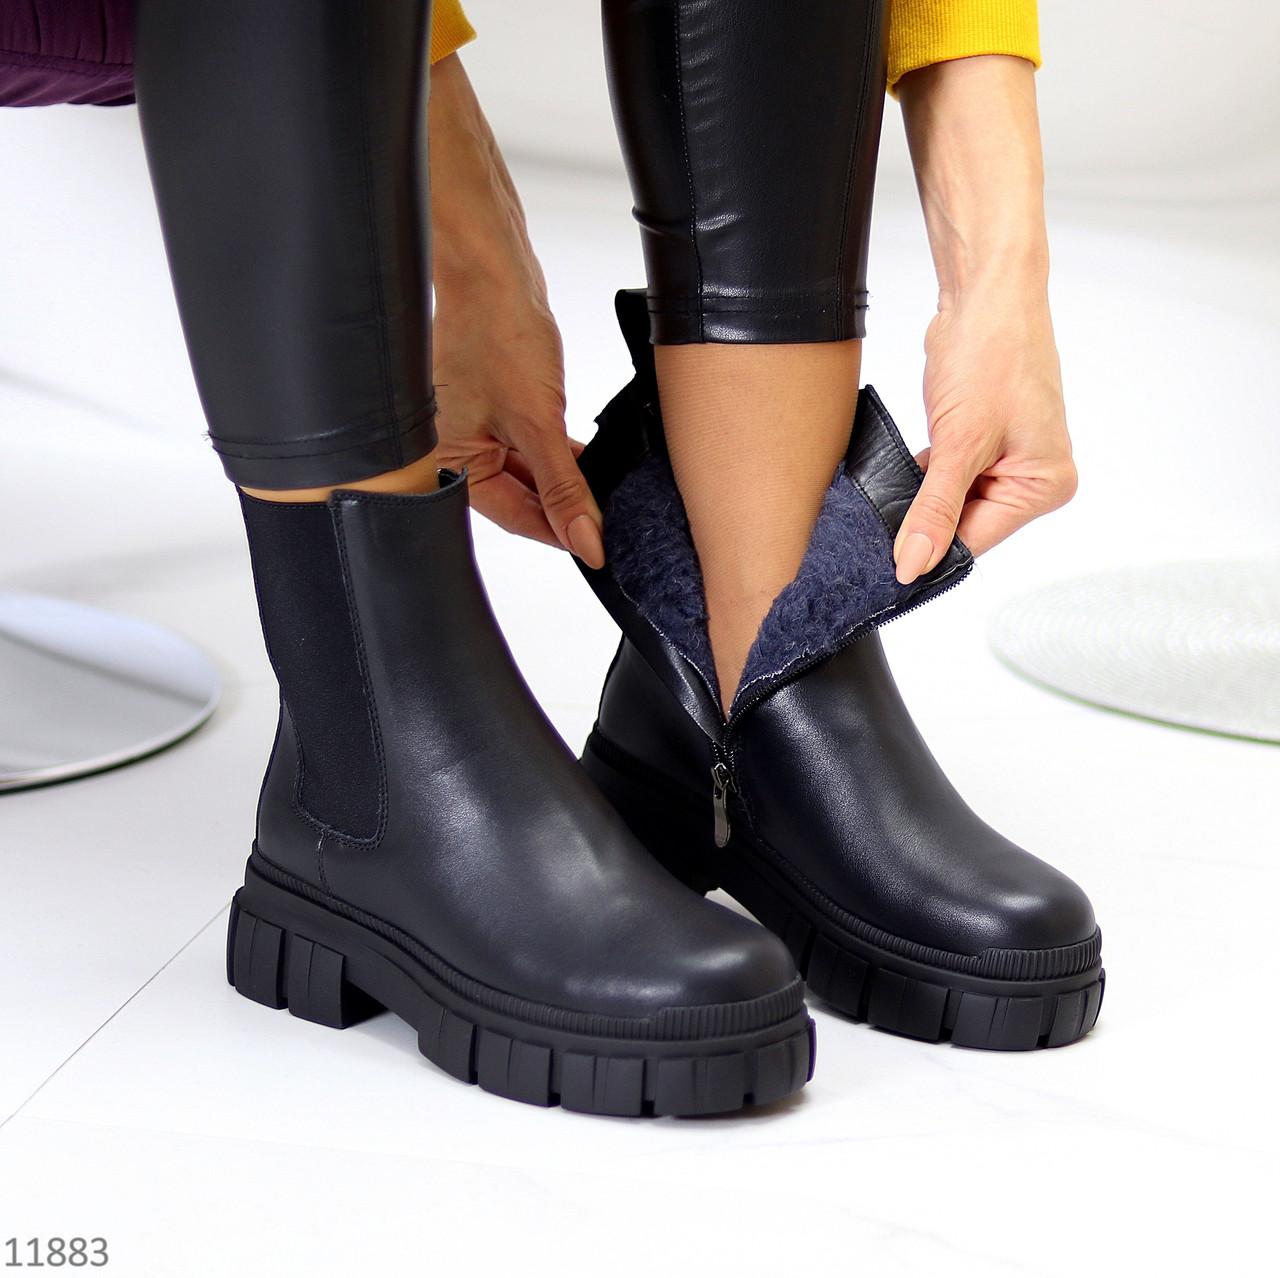 Натуральна шкіра зручні чорні зимові шкіряні жіночі черевики челсі всередині вовна